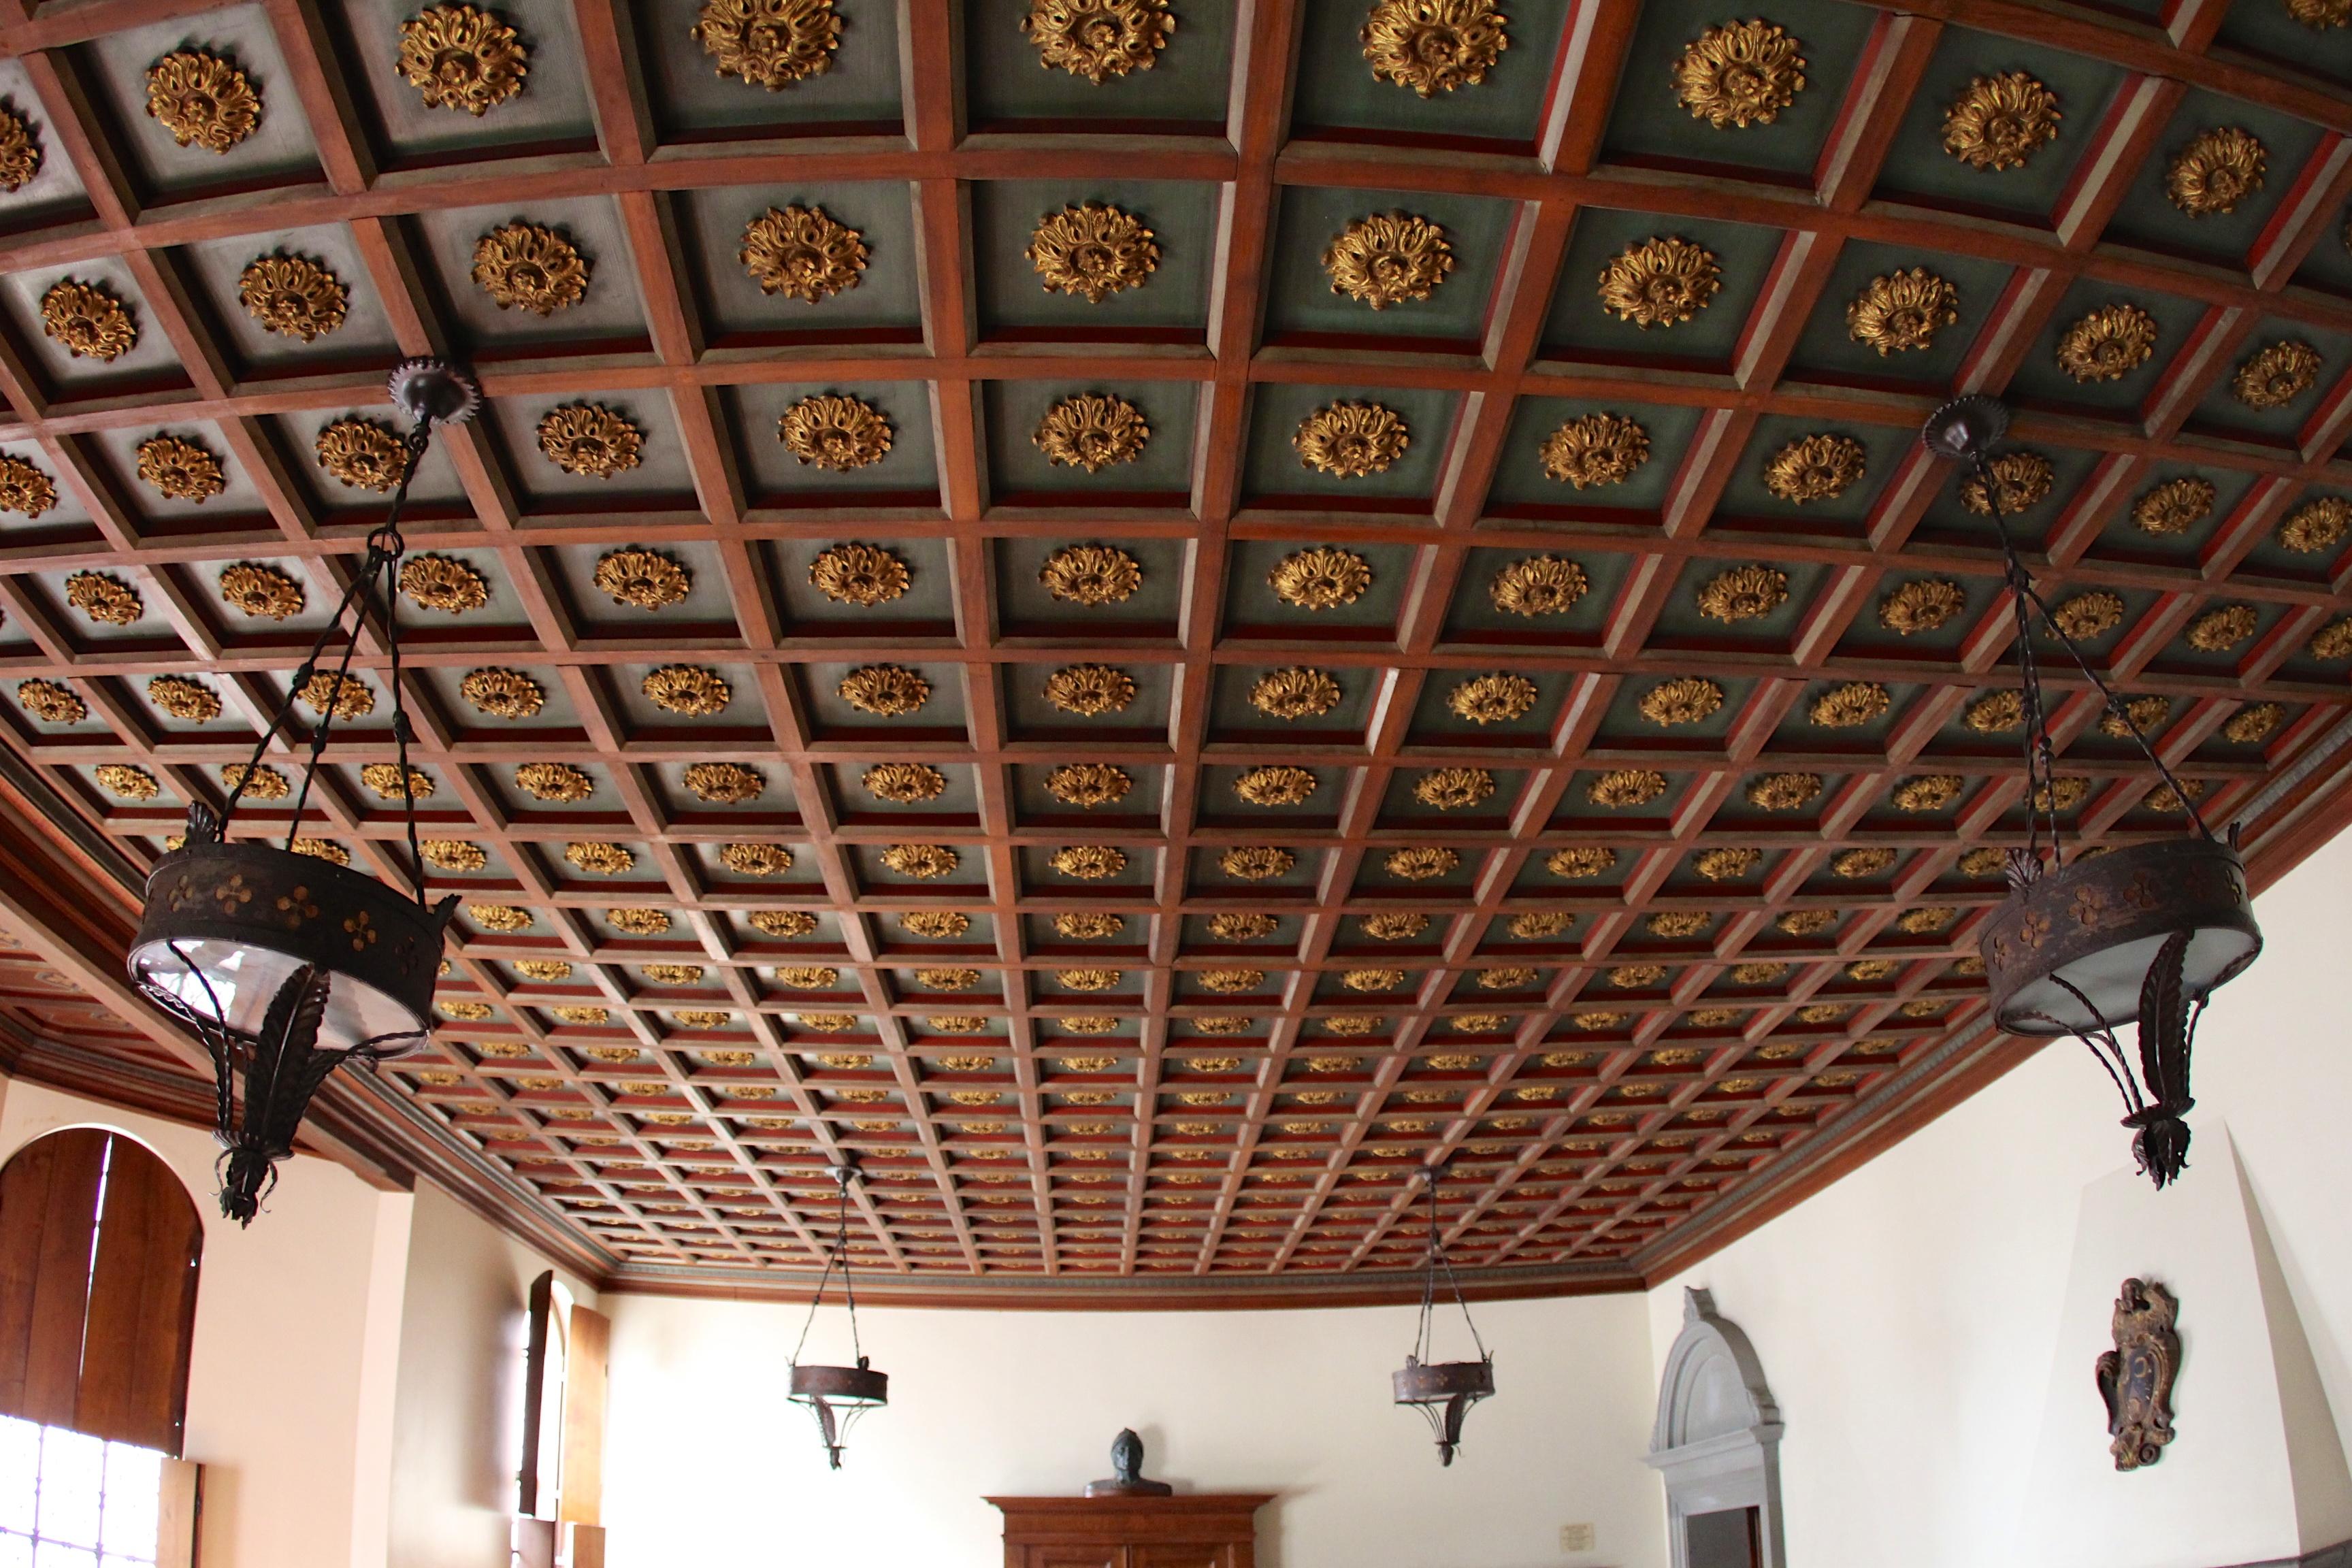 file:italian room- so fancy ceiling (14023916914) - wikimedia